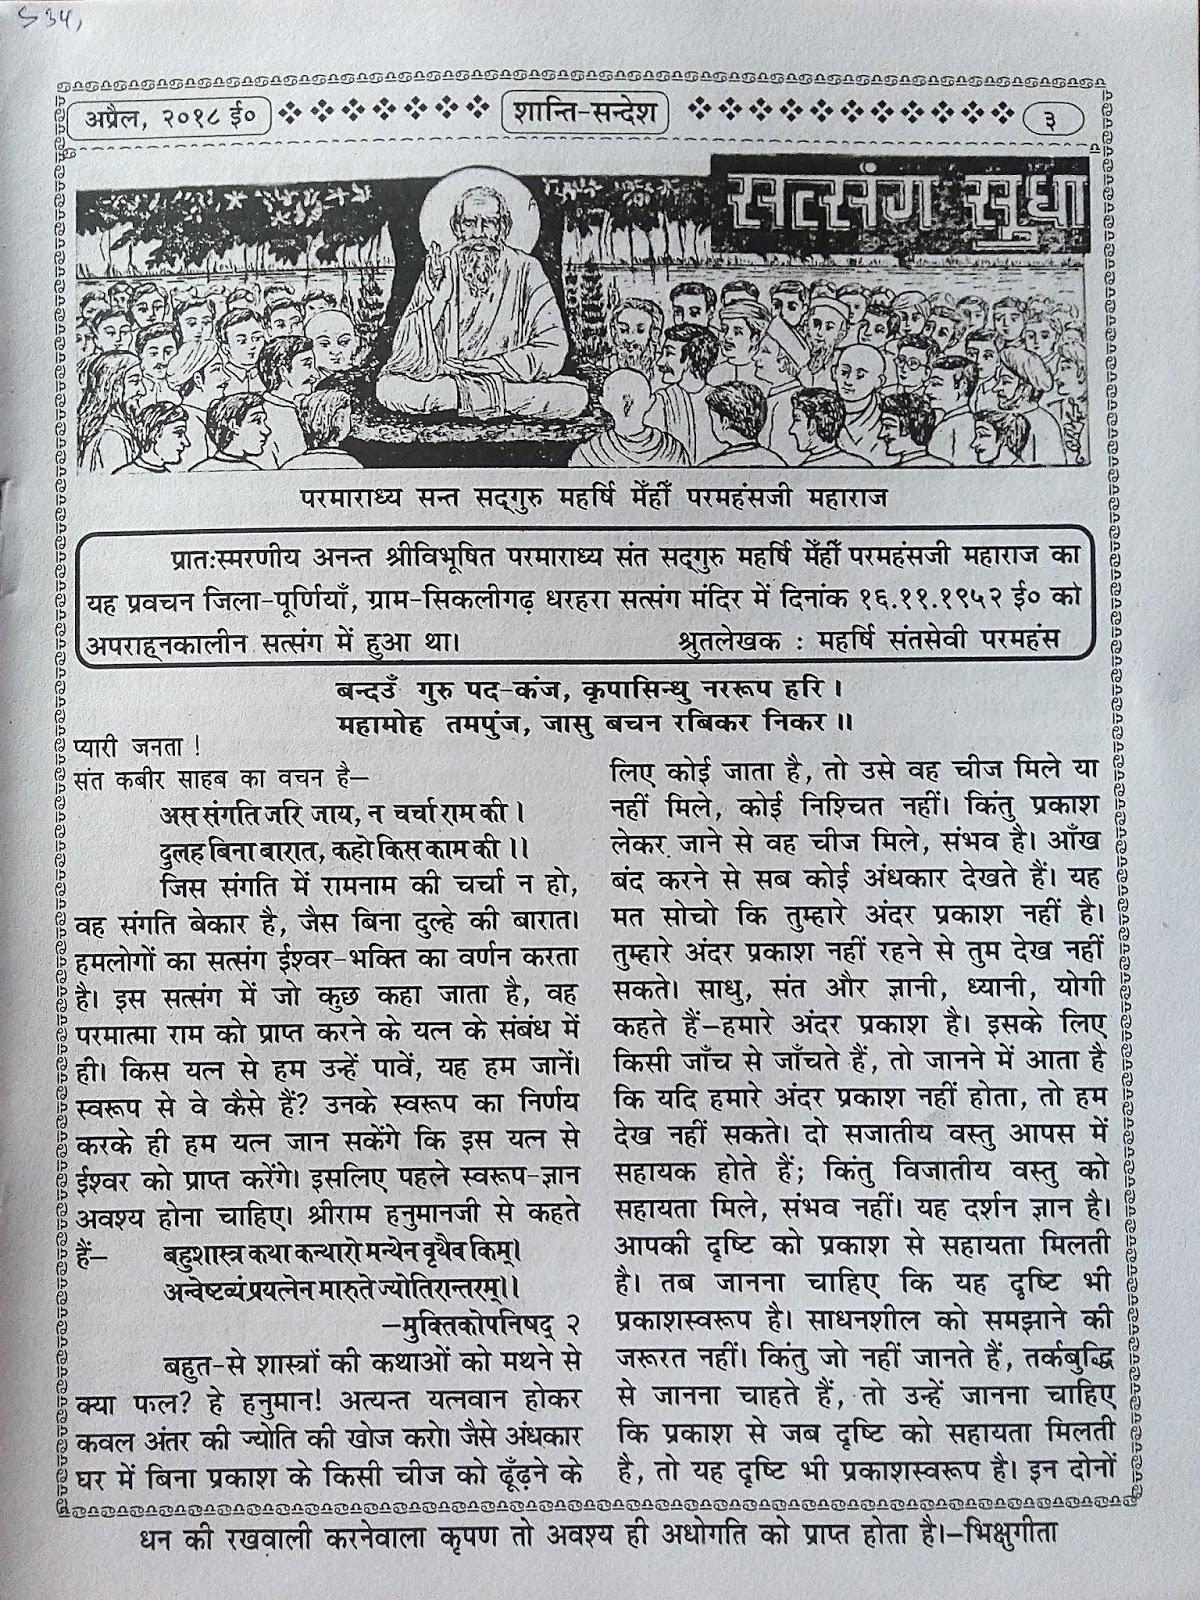 S34, How to do bhakti-bhakti which fulfills all desires--सदगुरू महर्षि मेंहीं/सत्संग ध्यान। मनोकामना पूरक प्रार्थना कैसे करें प्रवचन चित्र एक